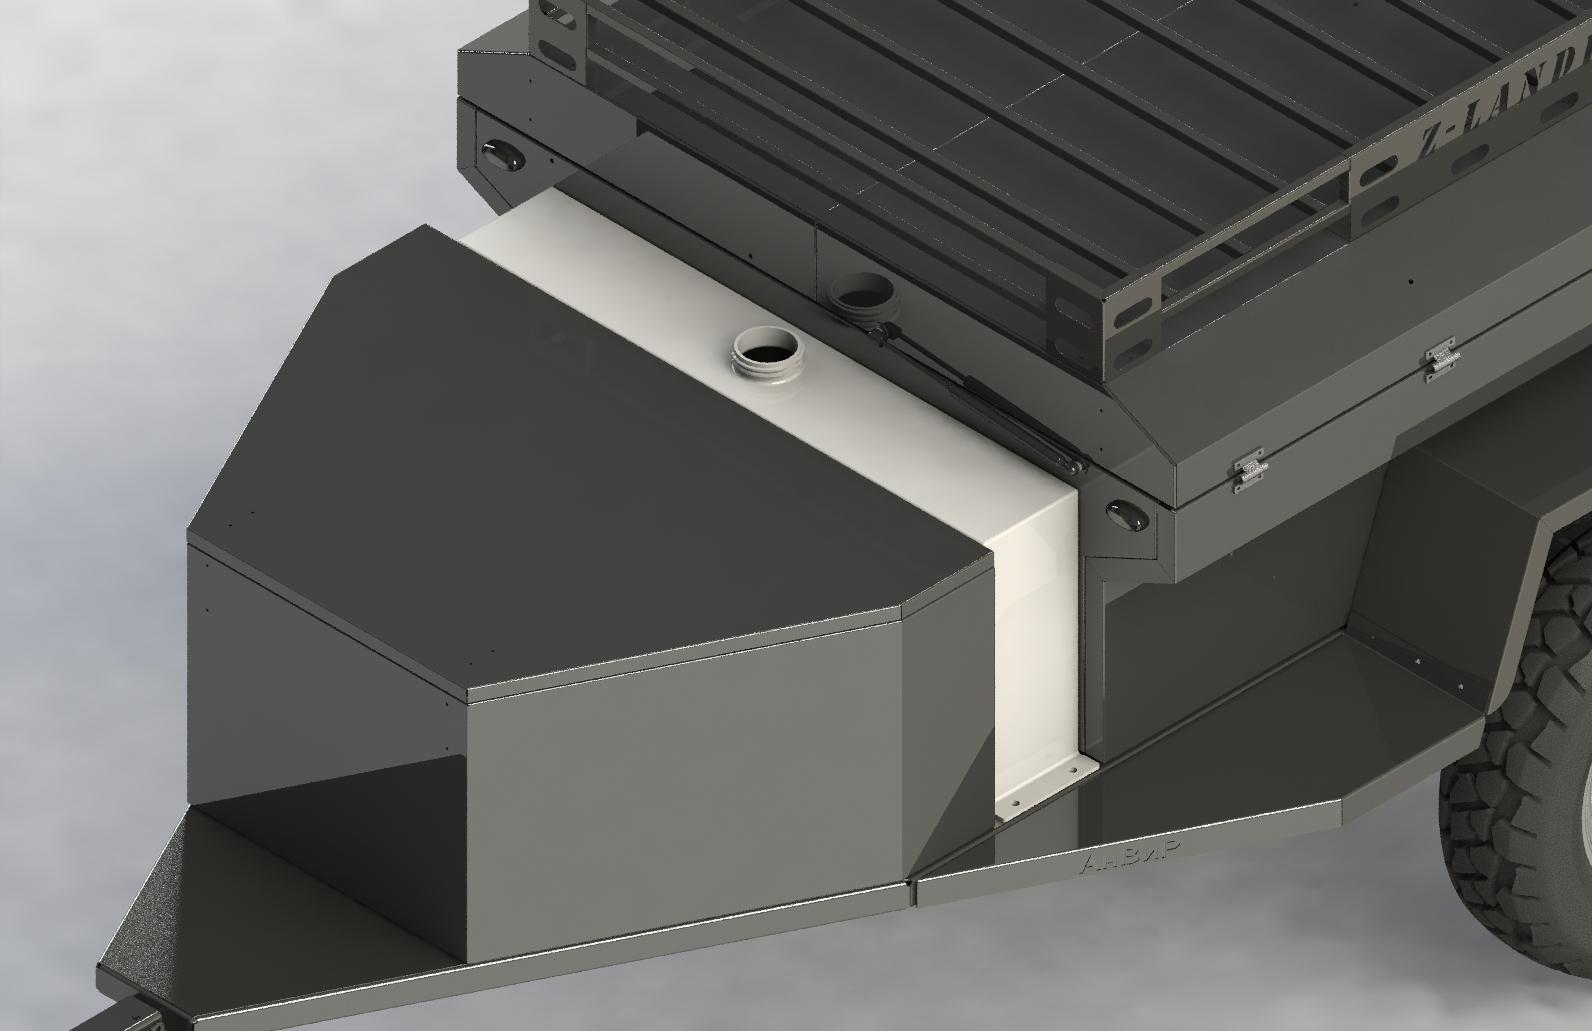 бак для воды, sierra 4x4, внедоржный прицеп, прицеп для уаз